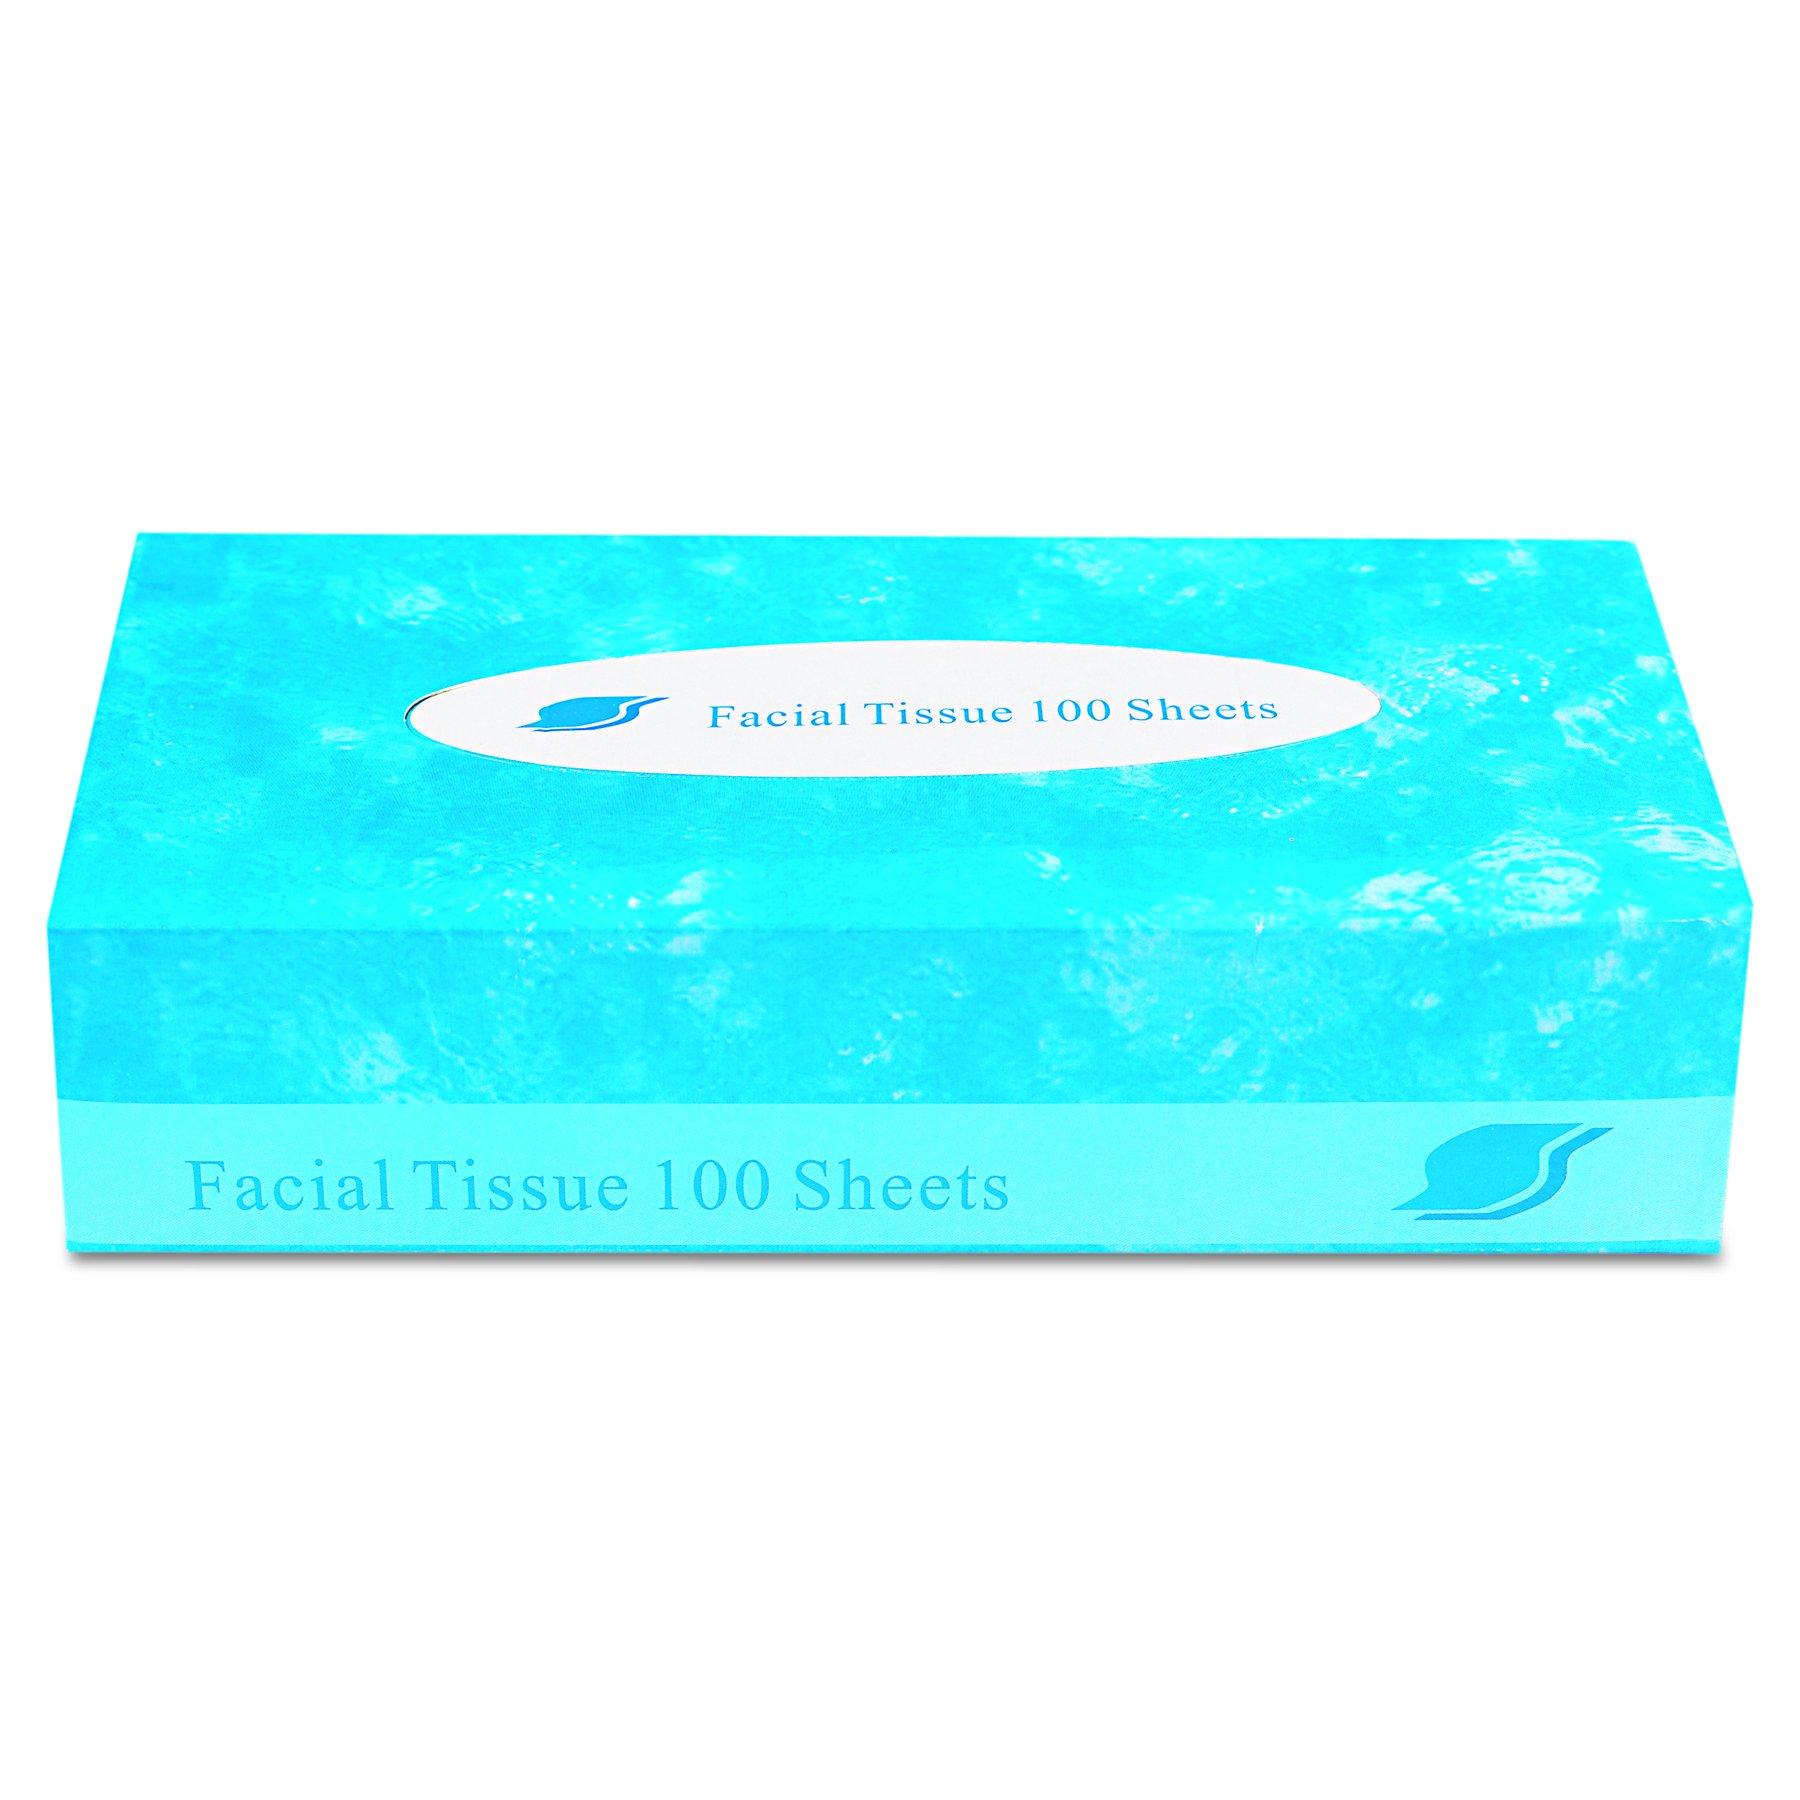 GEN FACIAL30100 Boxed Facial Tissue, 2-Ply, White, 100 Sheets per Box (Case of 30)